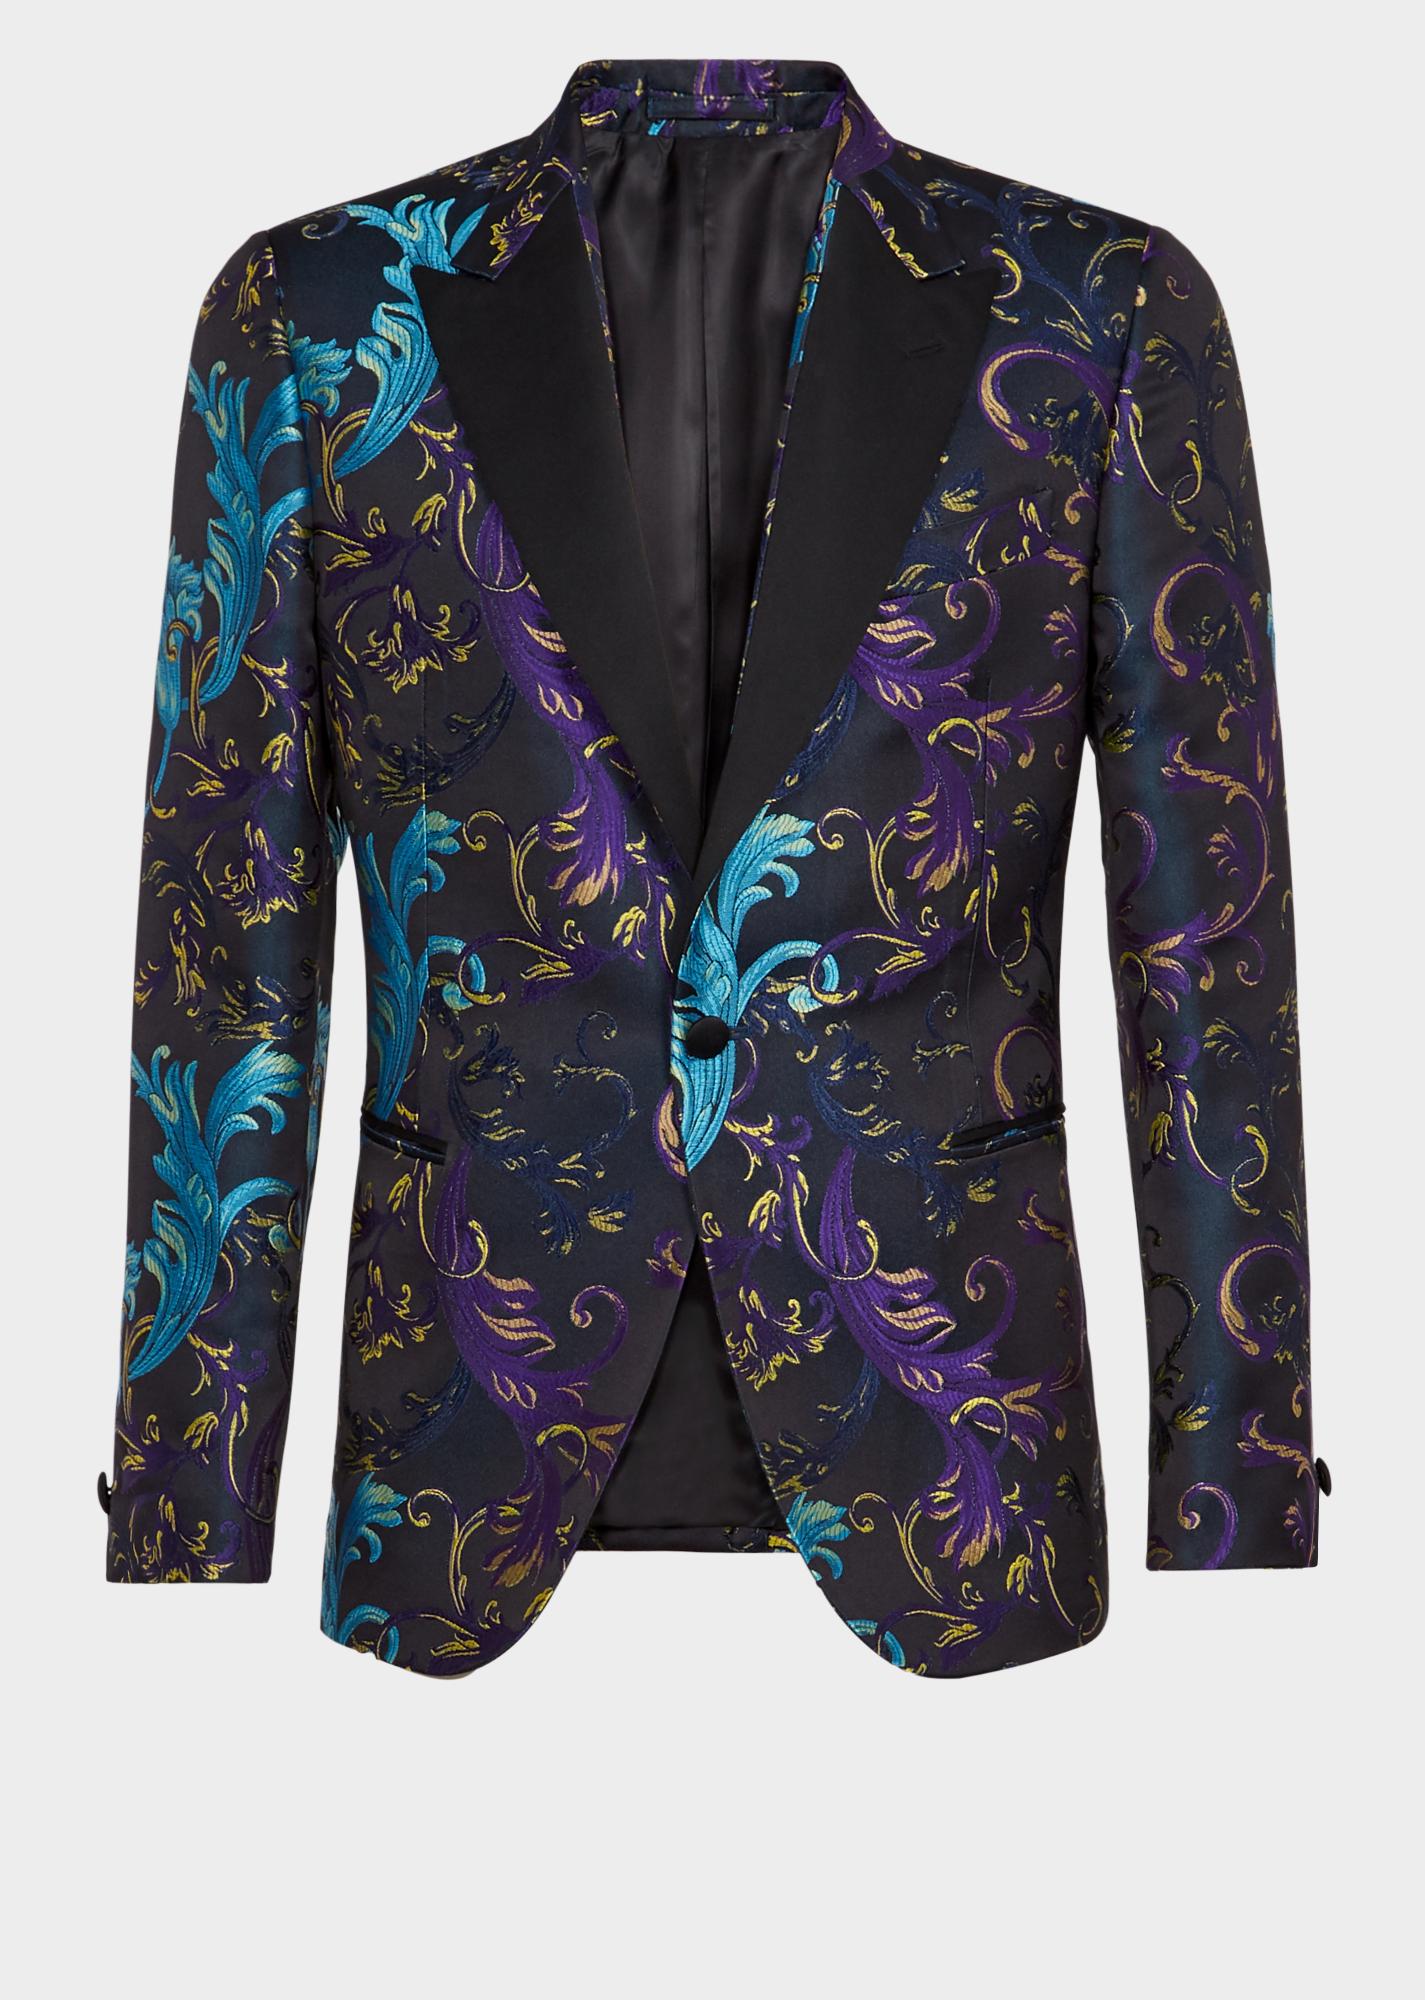 f26656968 Versace Acid Baroque Blazer jacket | Jacket vibes in 2019 | Blazers ...